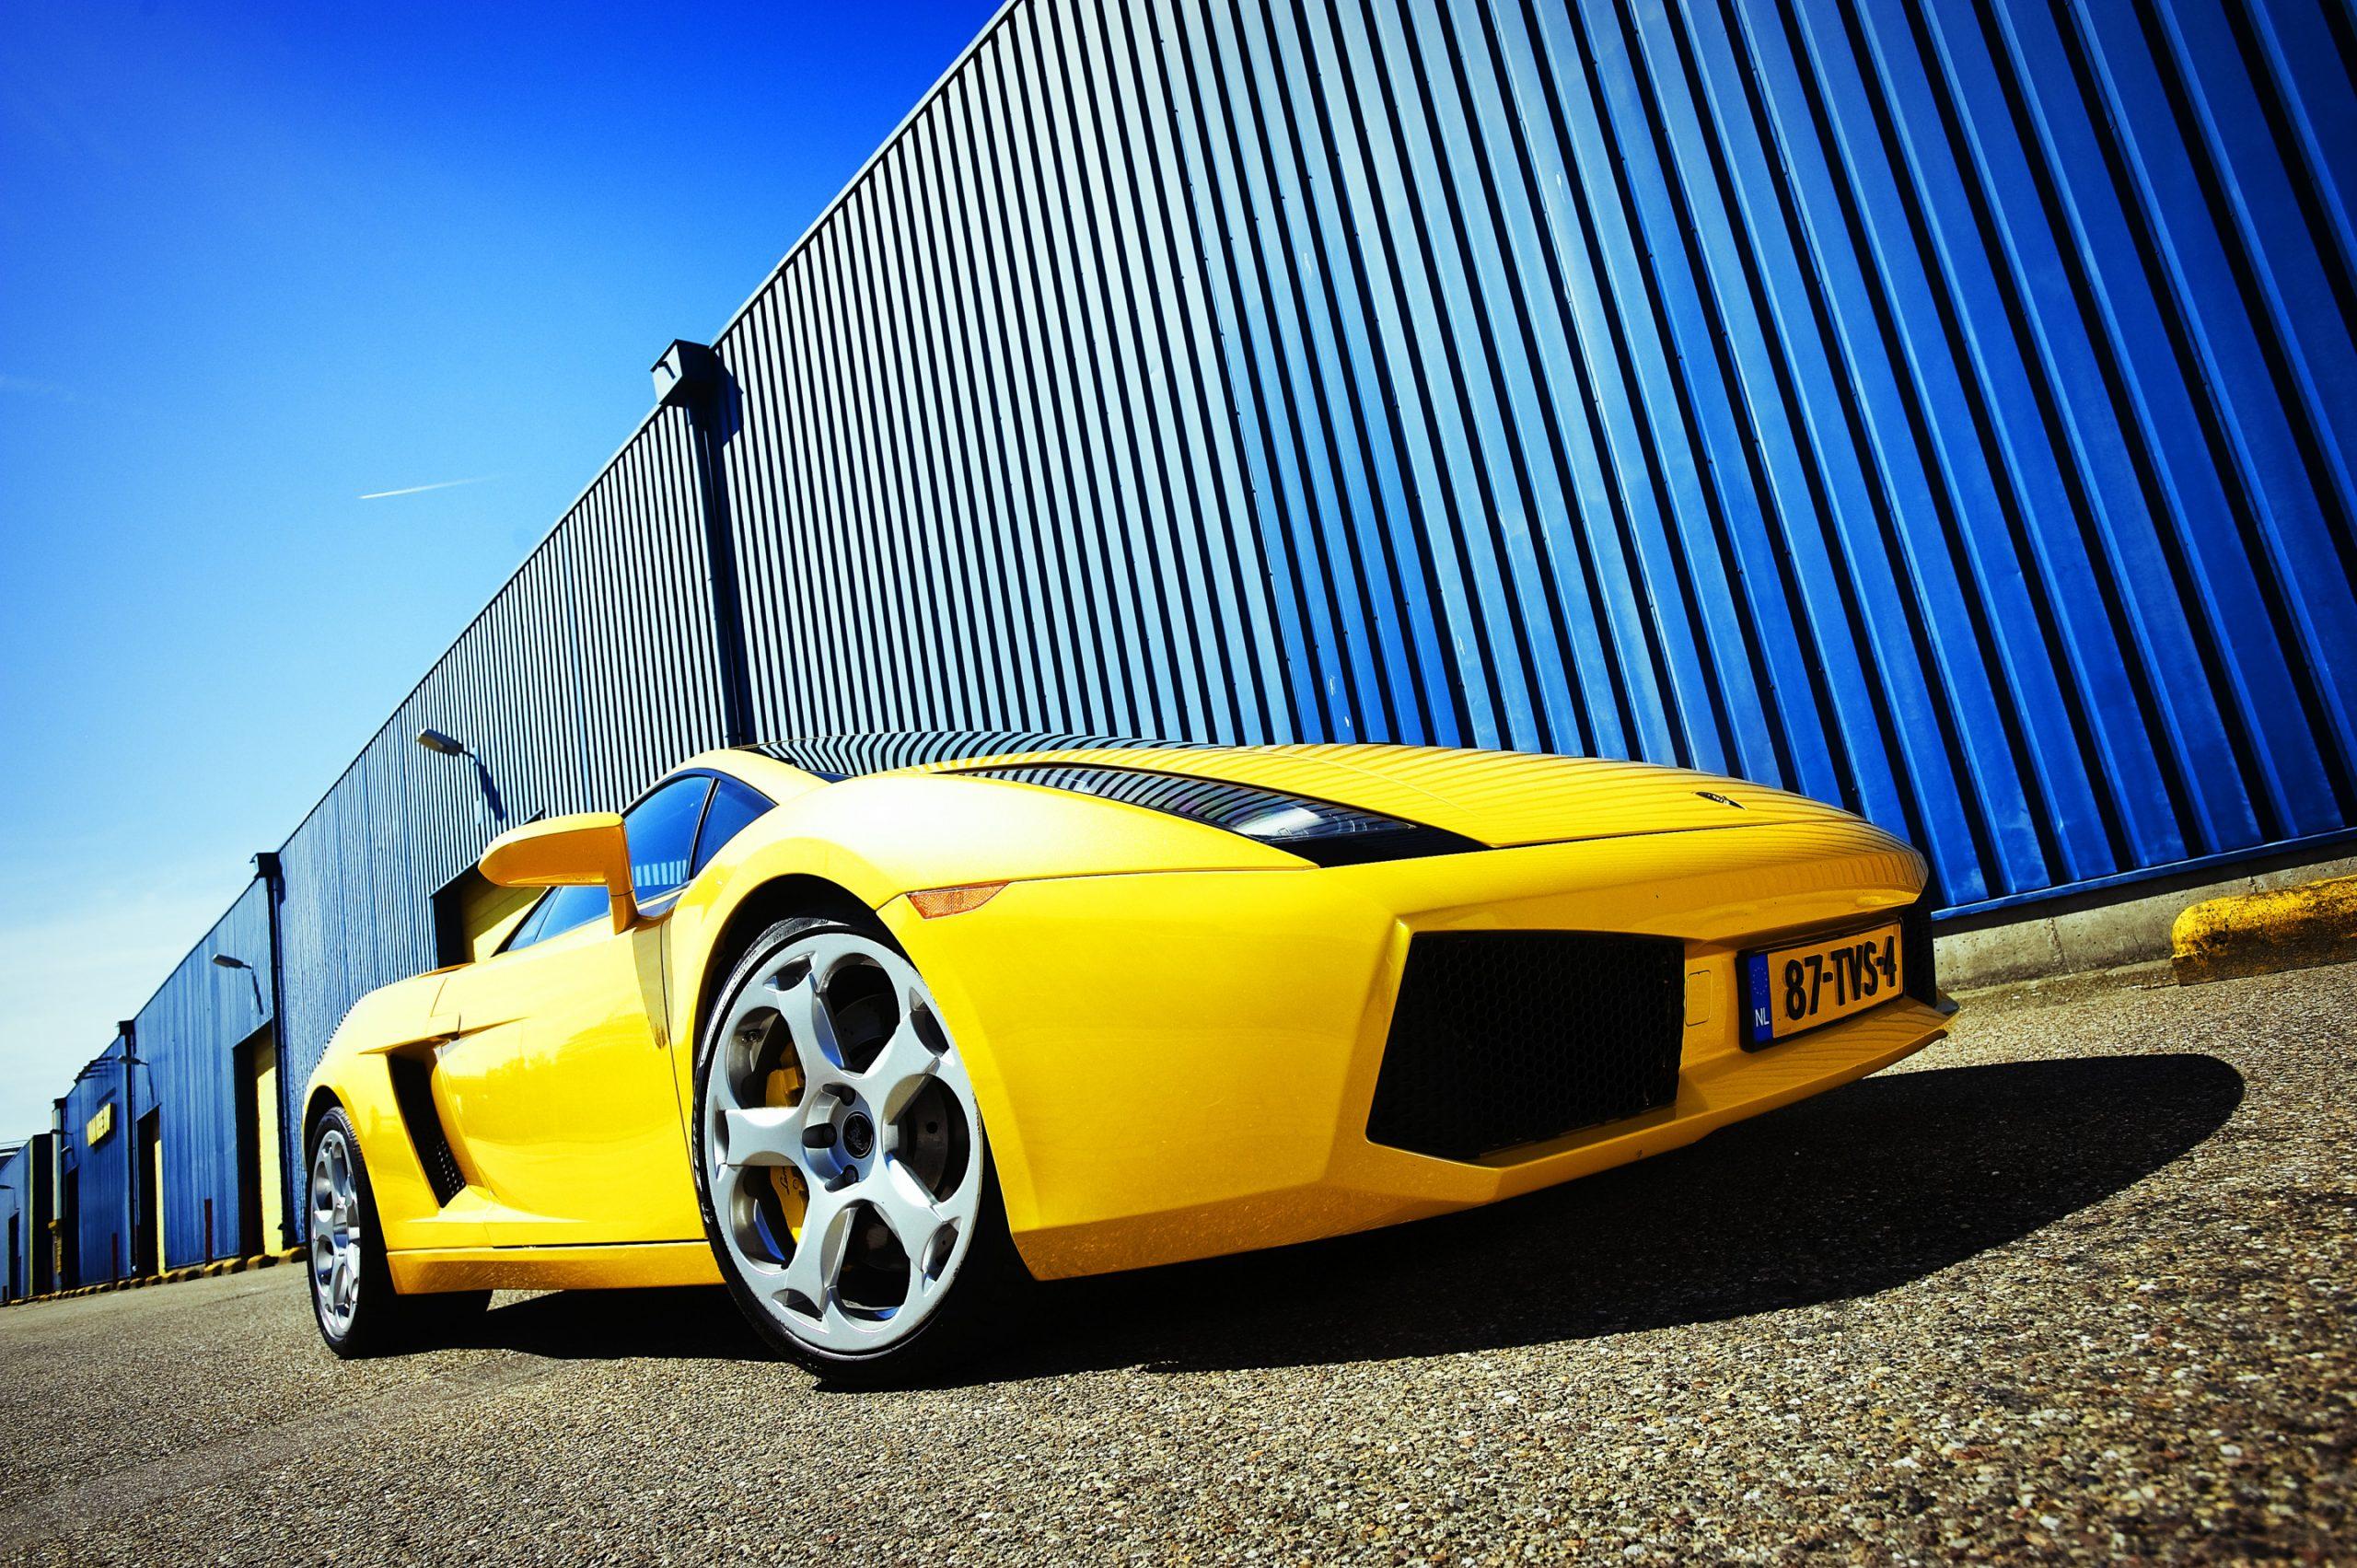 Lamborghini Gallardo 2005 Lambo-droom